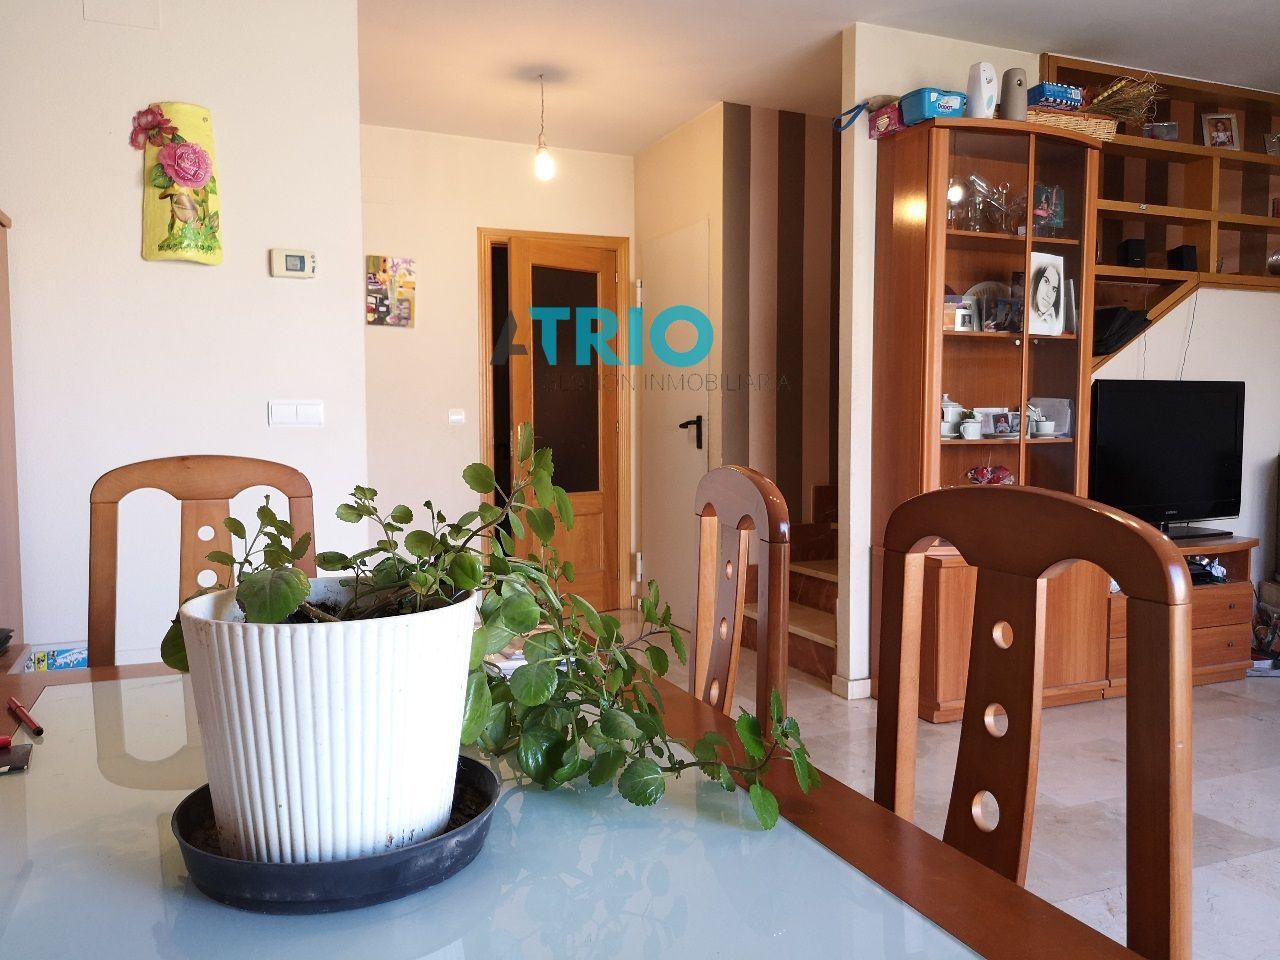 dia.mobiliagestion.es/Portals/inmoatrio/Images/5829/2988547